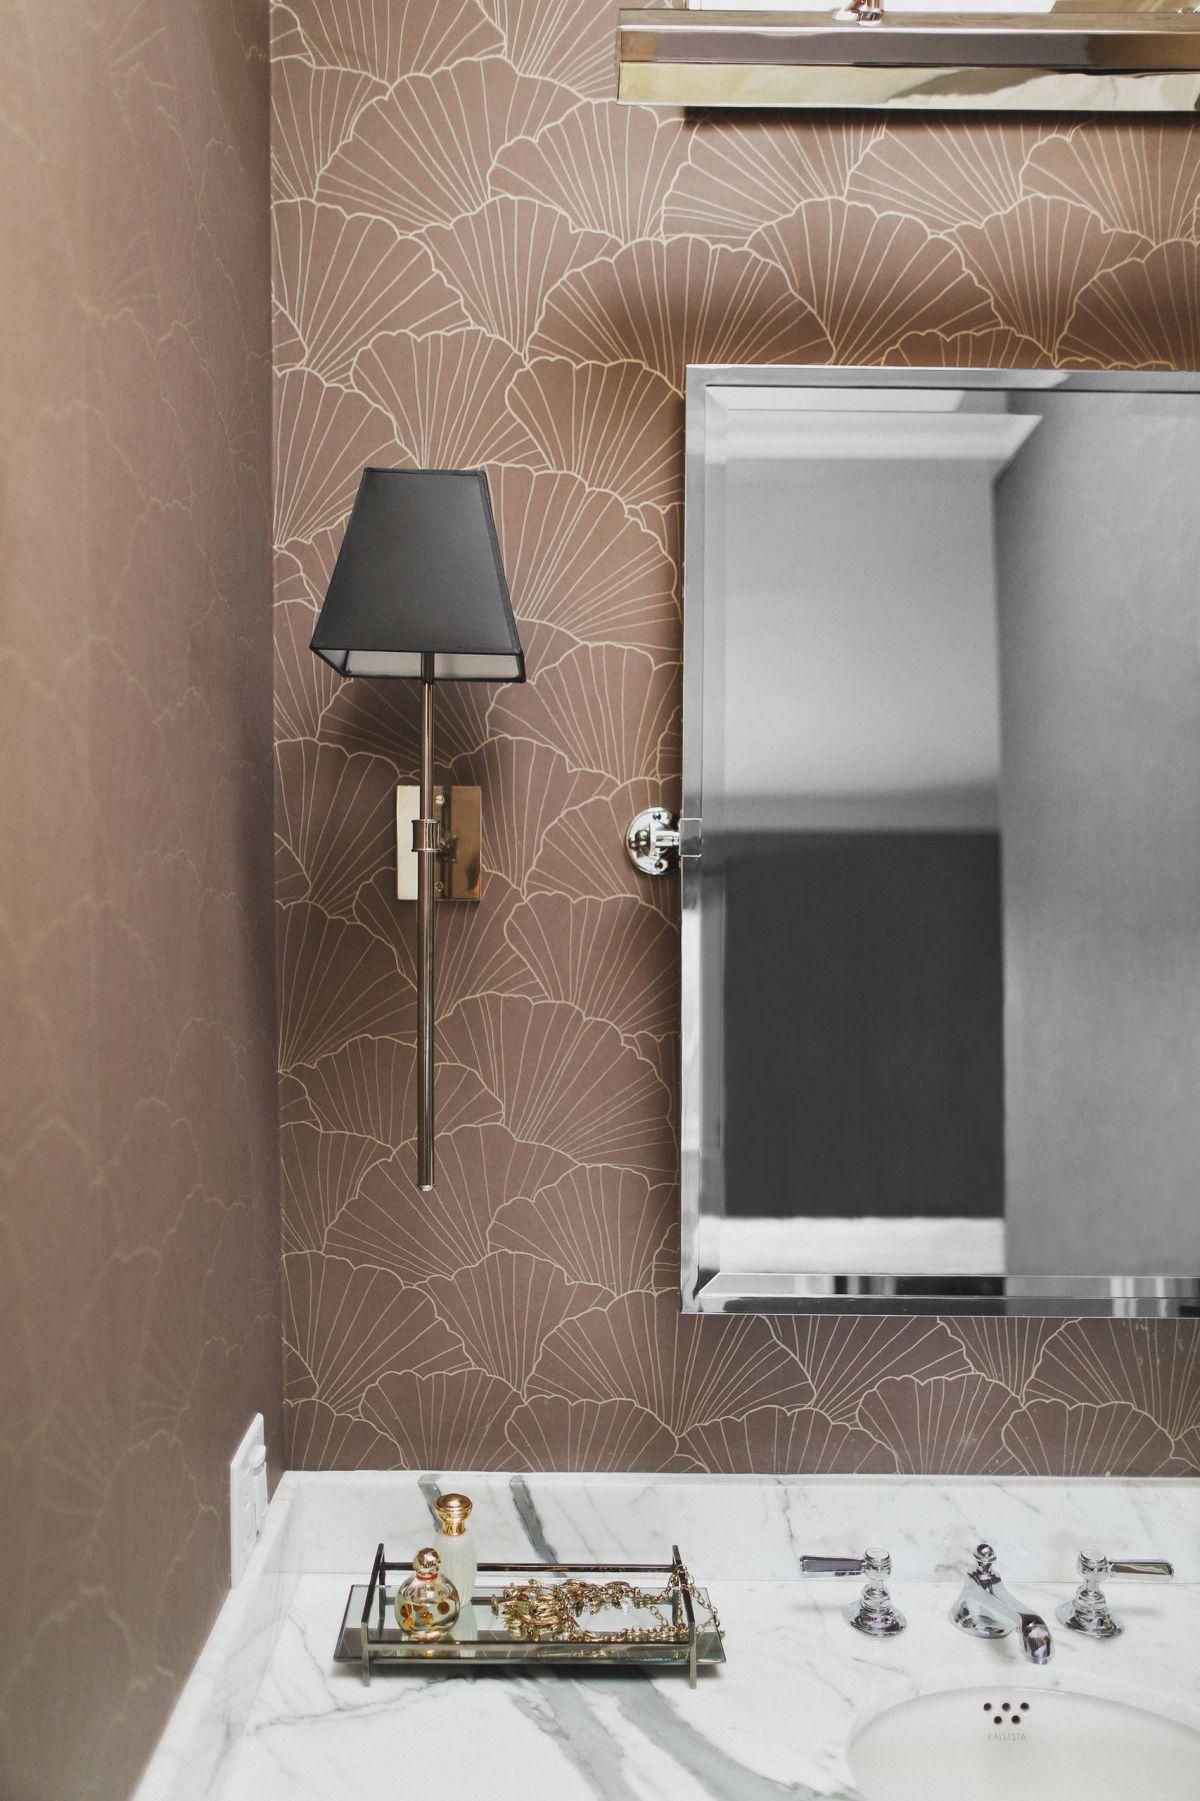 Modernes badezimmerdekor 2018 erstellen sie ein elegantes taupe badezimmer dekor badezimmer